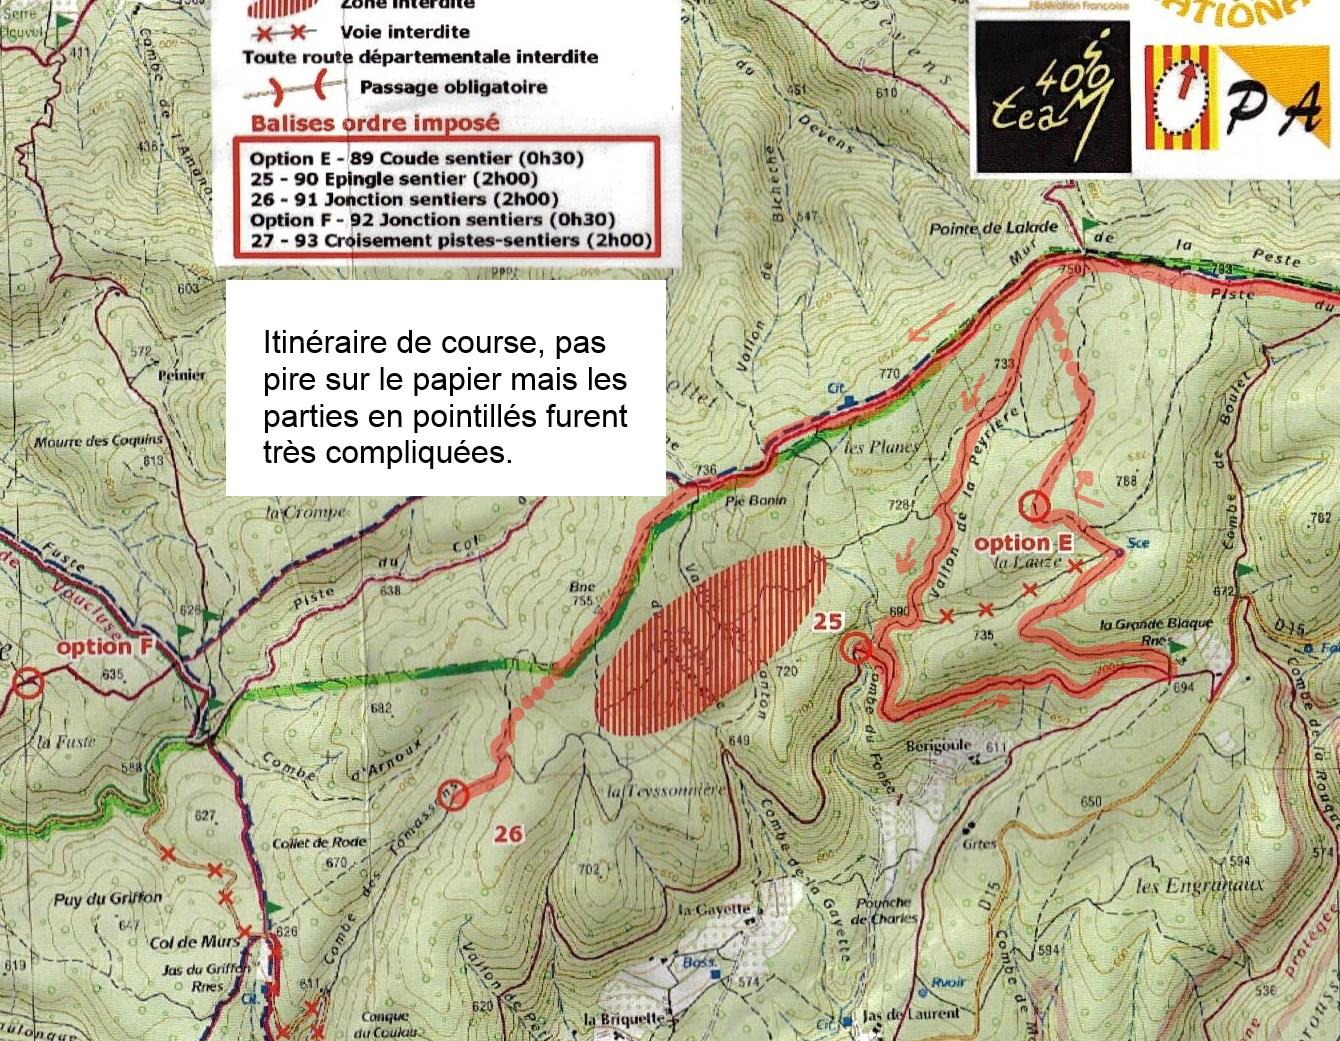 Dentelles 2014 VTT Option E terrain